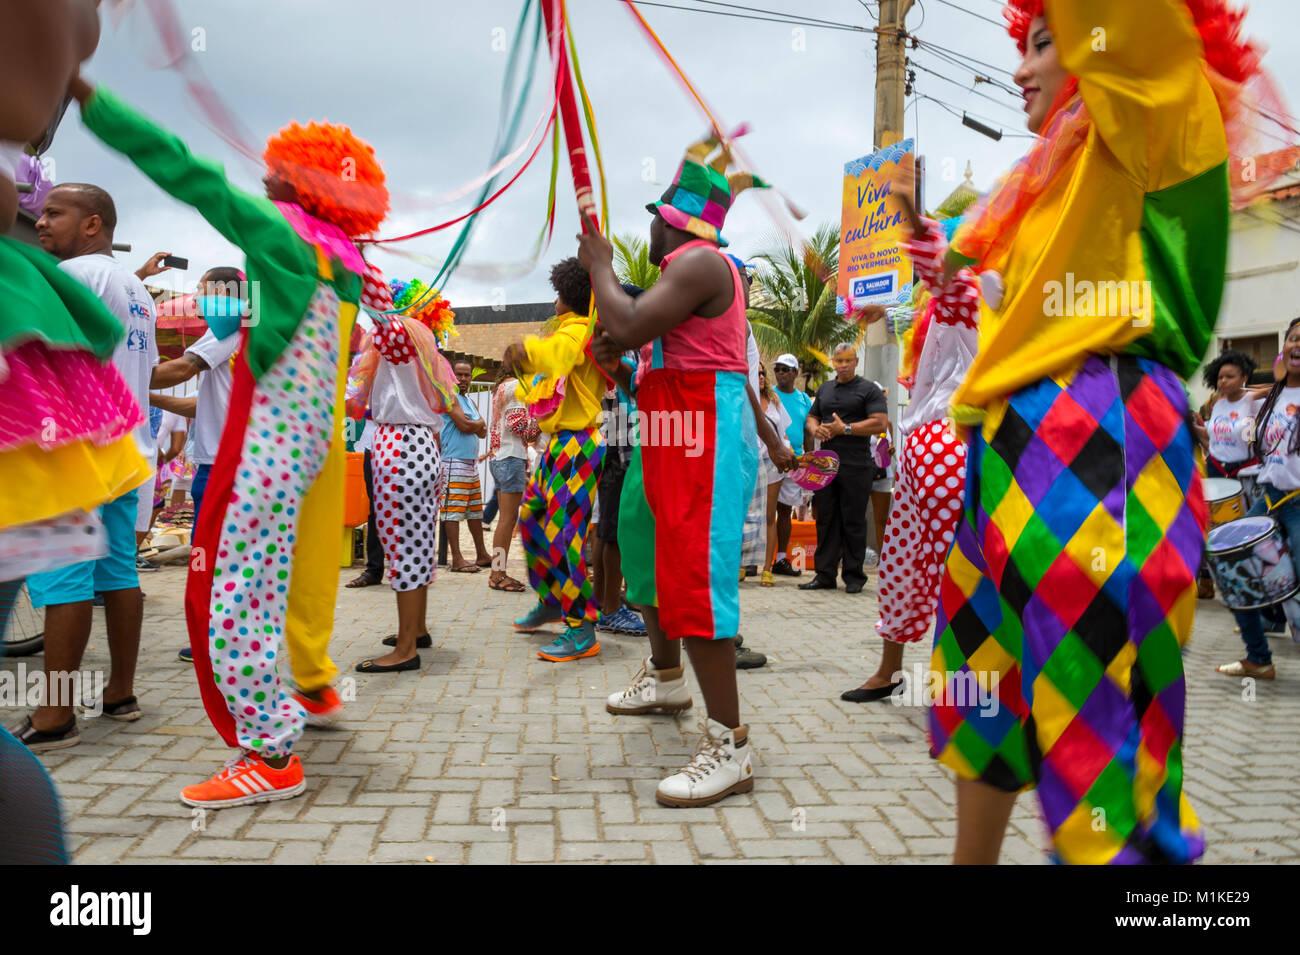 SALVADOR, Brasil - CIRCA Febrero, 2016: la gente en trajes coloridos celebrar en el Festival anual de Yemanja en Imagen De Stock